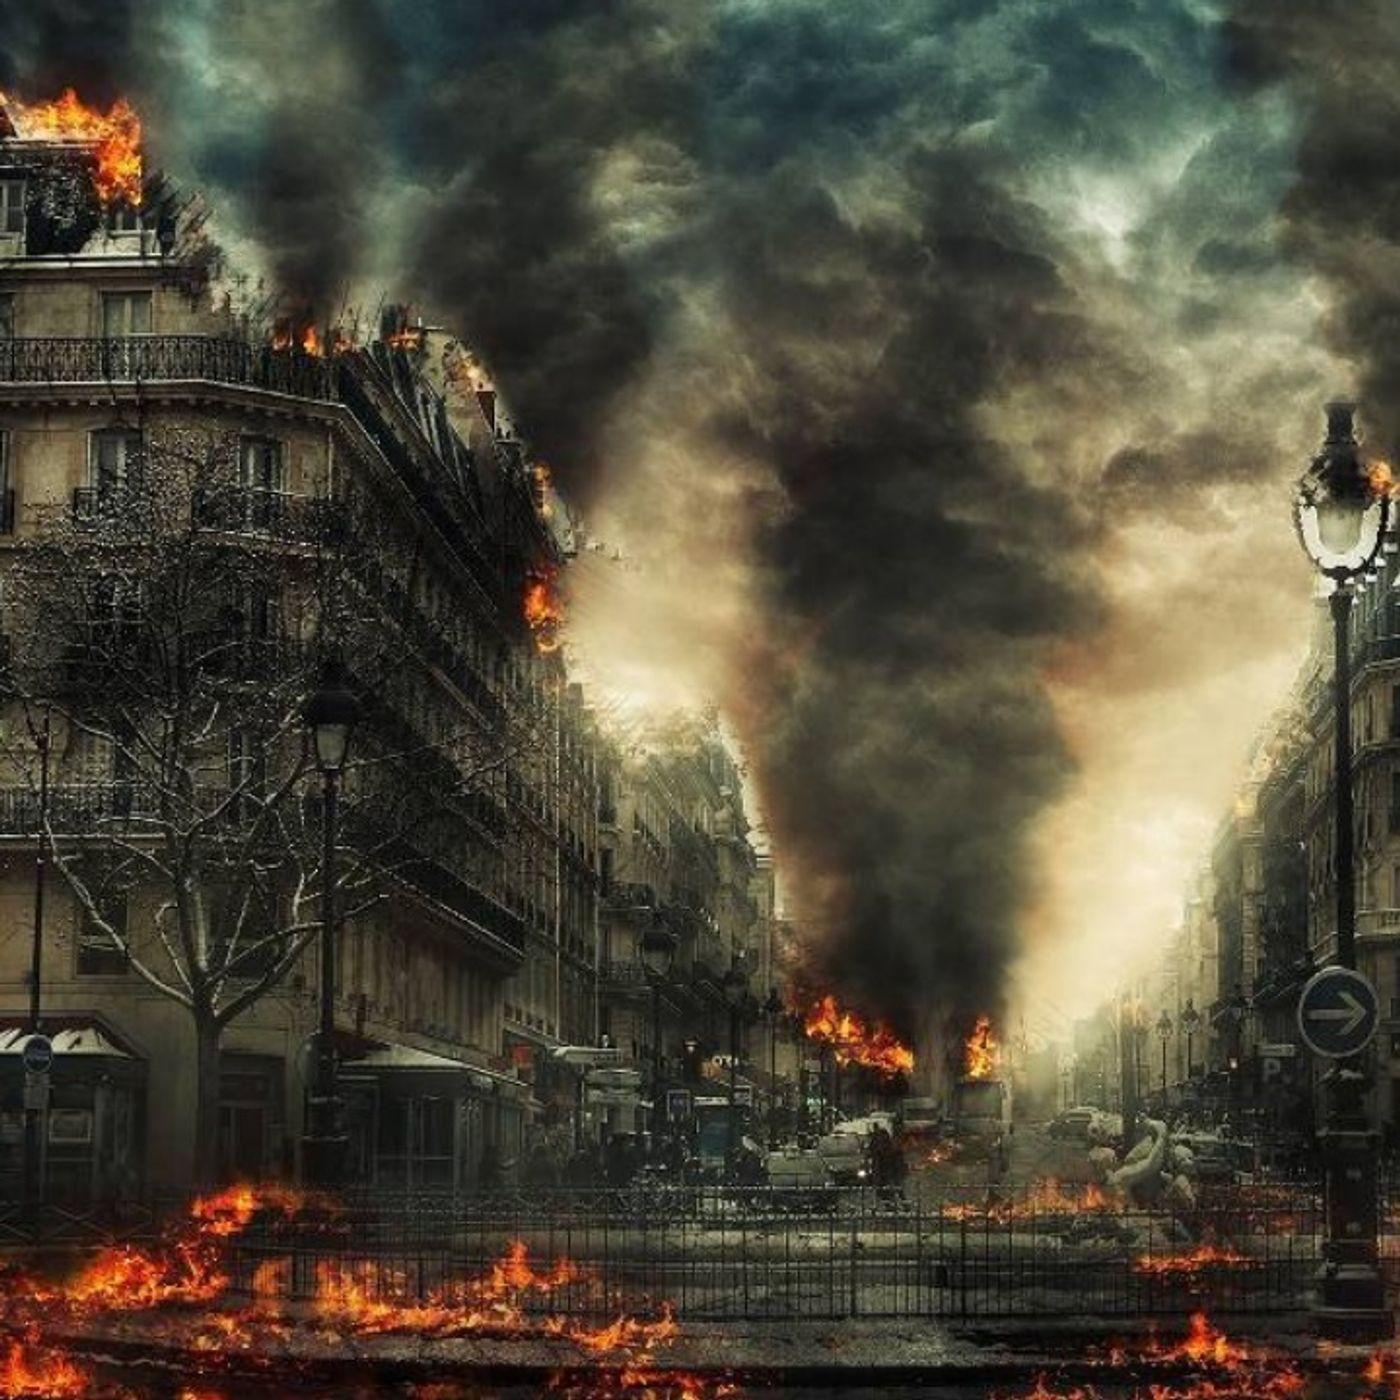 Nasz Pan się zbliża - Apokalipsa realizuje się na naszych oczach (audio)